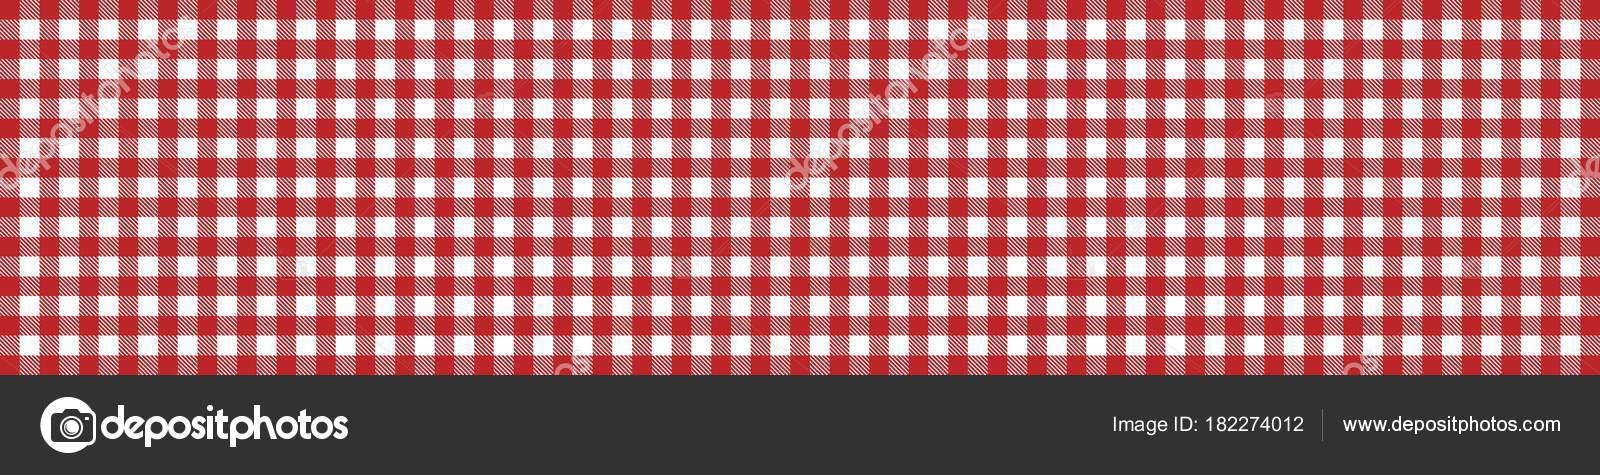 bannière de nappe à carreaux rouge blanc — photographie keport